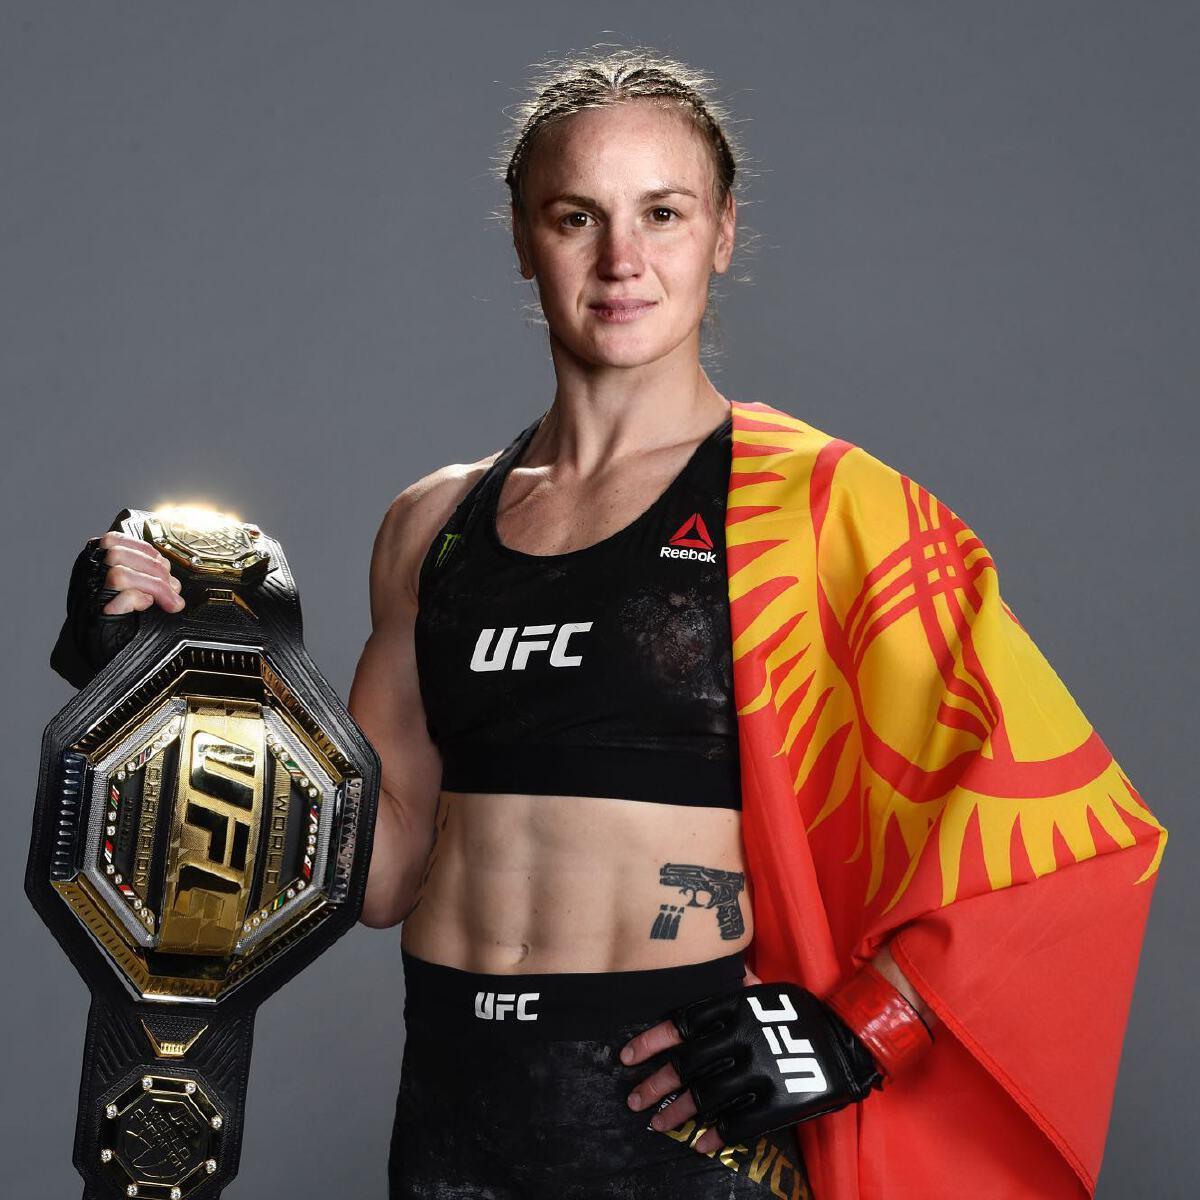 วาเลนติน่า เชฟเชนโก้ กับเข็มขัดแชมป์โลก UFC